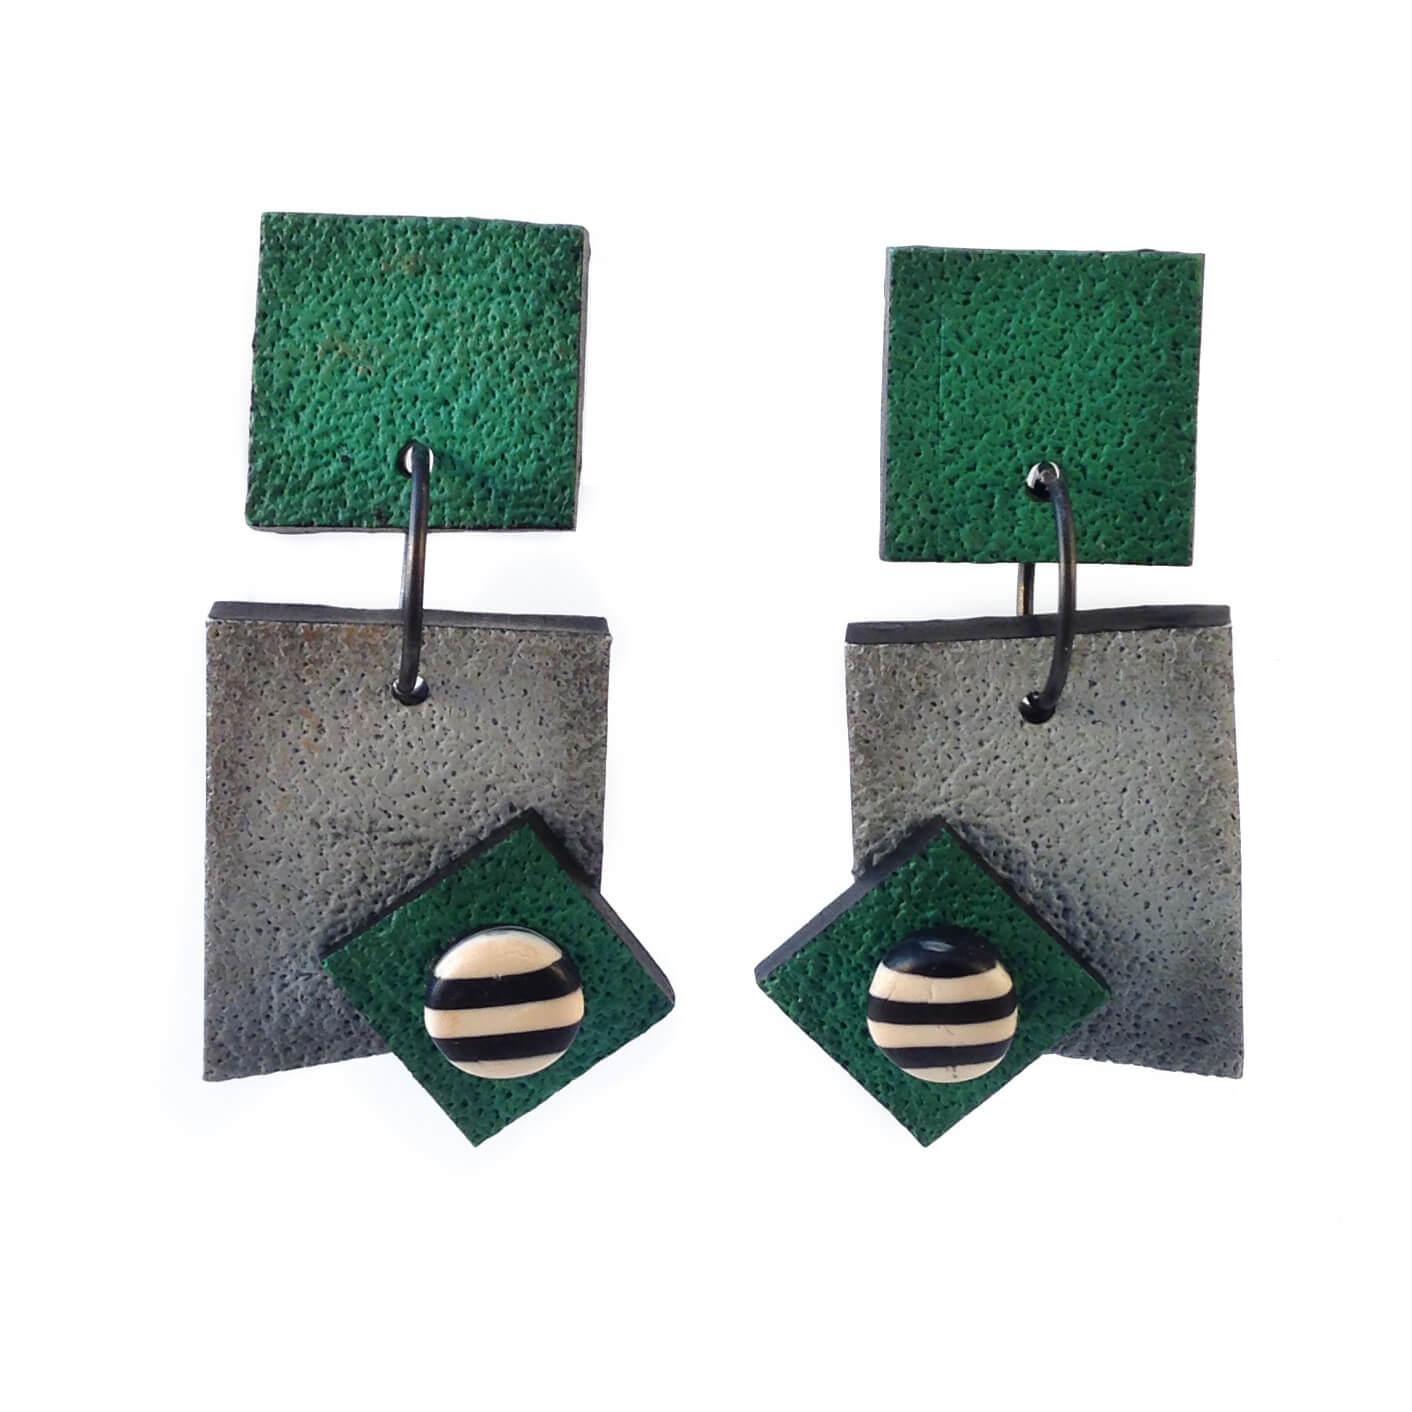 Signature Earrings - Green/Grey  $85